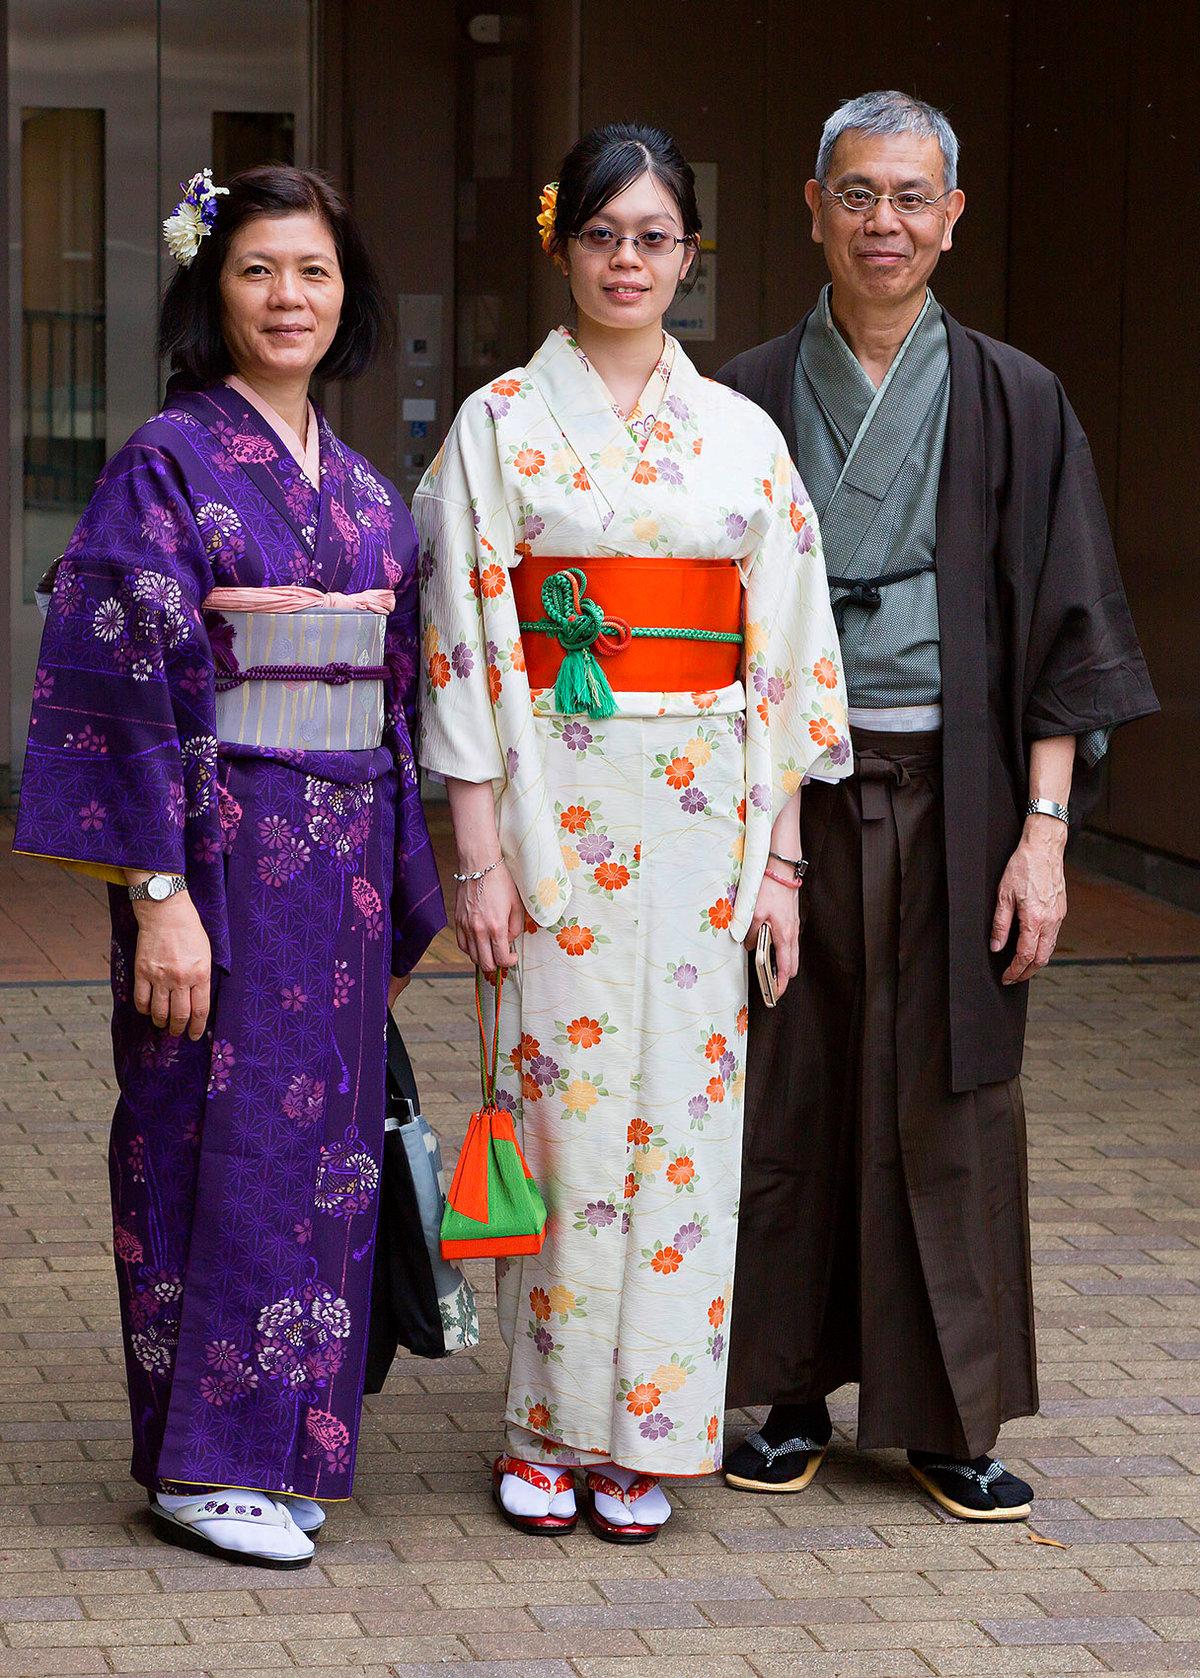 уважаемые фото национального костюма японии это